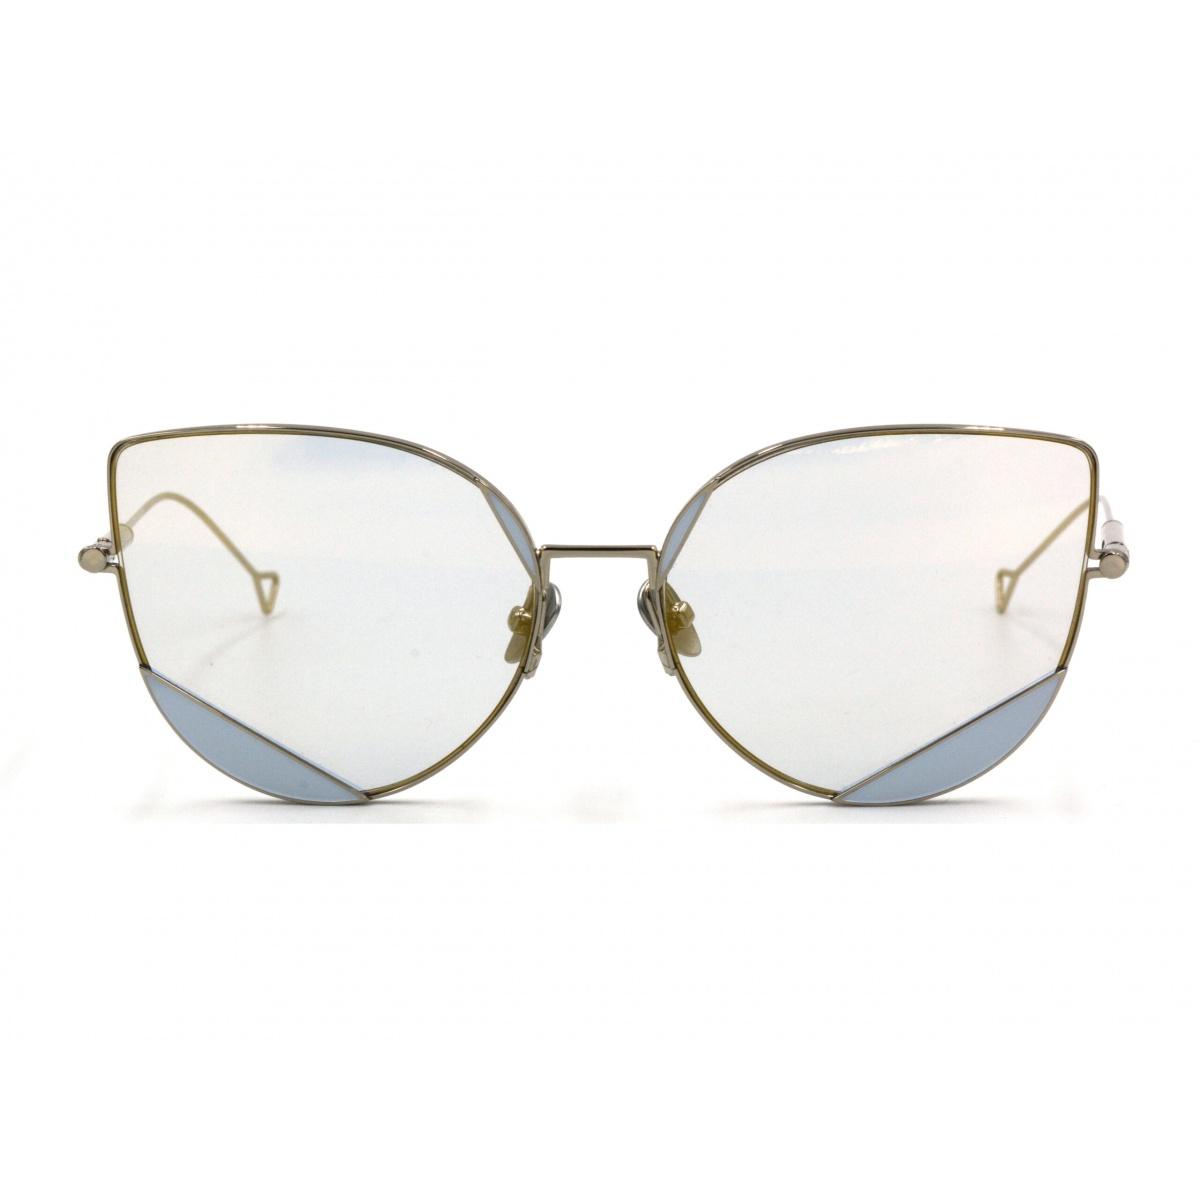 Γυαλιά ηλίου HAZE COLLECTION NOTT 1BL 57-17-145